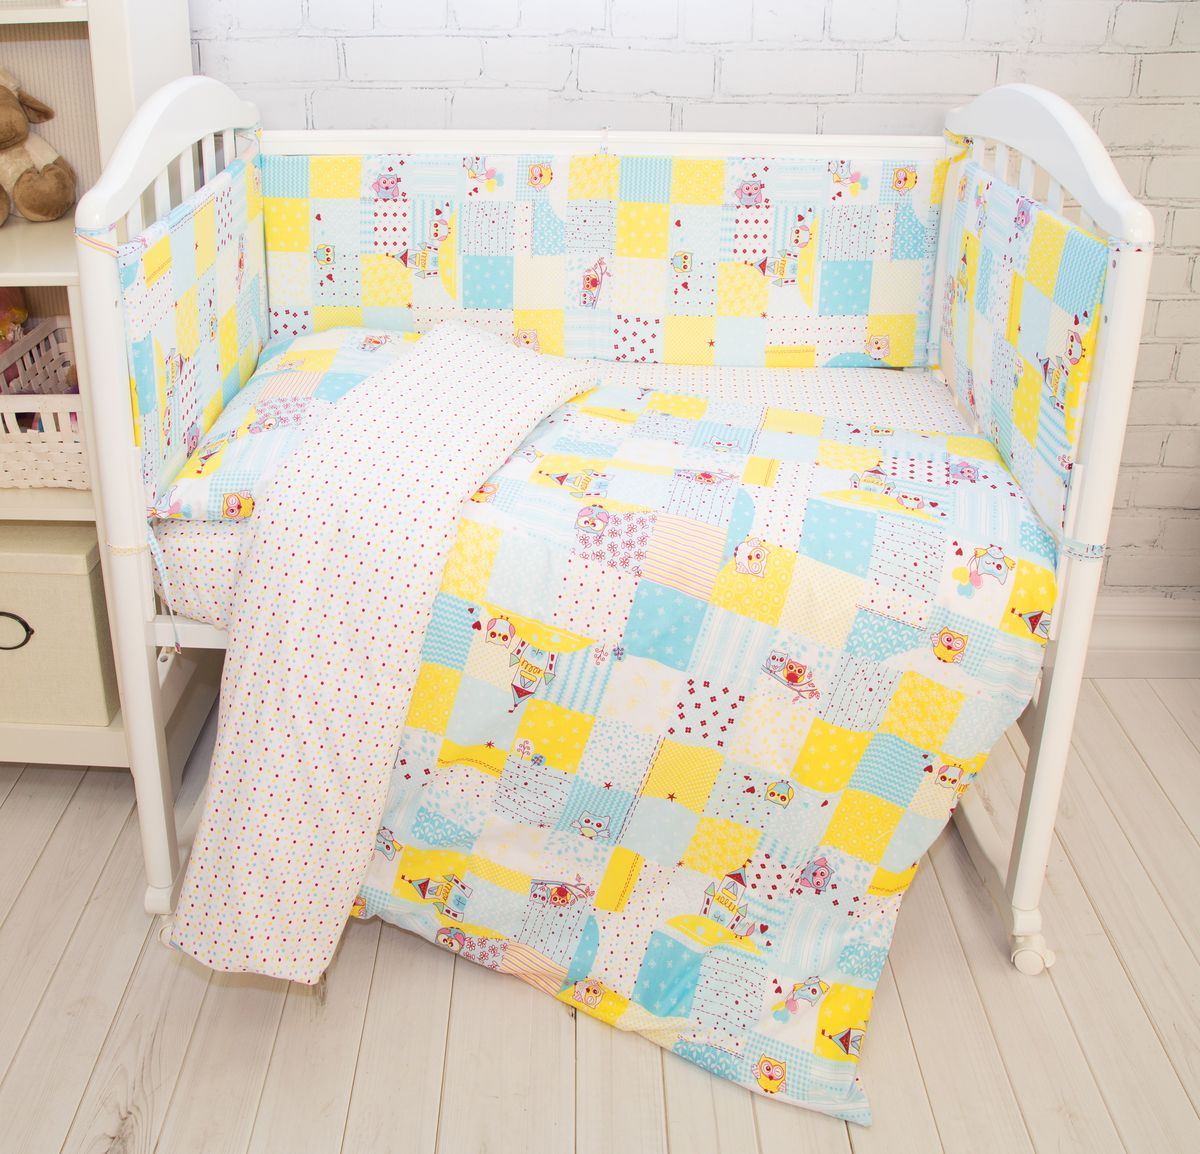 Споки Ноки Комплект в кроватку Совы 6 предметов цвет голубойН613-01_голубойКомплект в кроватку Споки Ноки Совы для самых маленьких должен быть изготовлен только из самой качественной ткани, самой безопасной и гигиеничной, самой экологичнойи гипоаллергенной. Отлично подходит для кроваток малышей, которые часто двигаются во сне. Хлопковое волокно прекрасно переносит стирку, быстро сохнет и не требует особого ухода, не линяет и не вытягивается. Ткань прошла специальную обработку по умягчению, что сделало её невероятно мягкой и приятной к телу. Состав комплекта: (простынь 112х147, пододеяльник 112х147, наволочка 40х60, борт (120х35 - 2 шт, 60х35 - 2 шт) , одеяло с наполнителем файбер 110х140, подушка 40х60